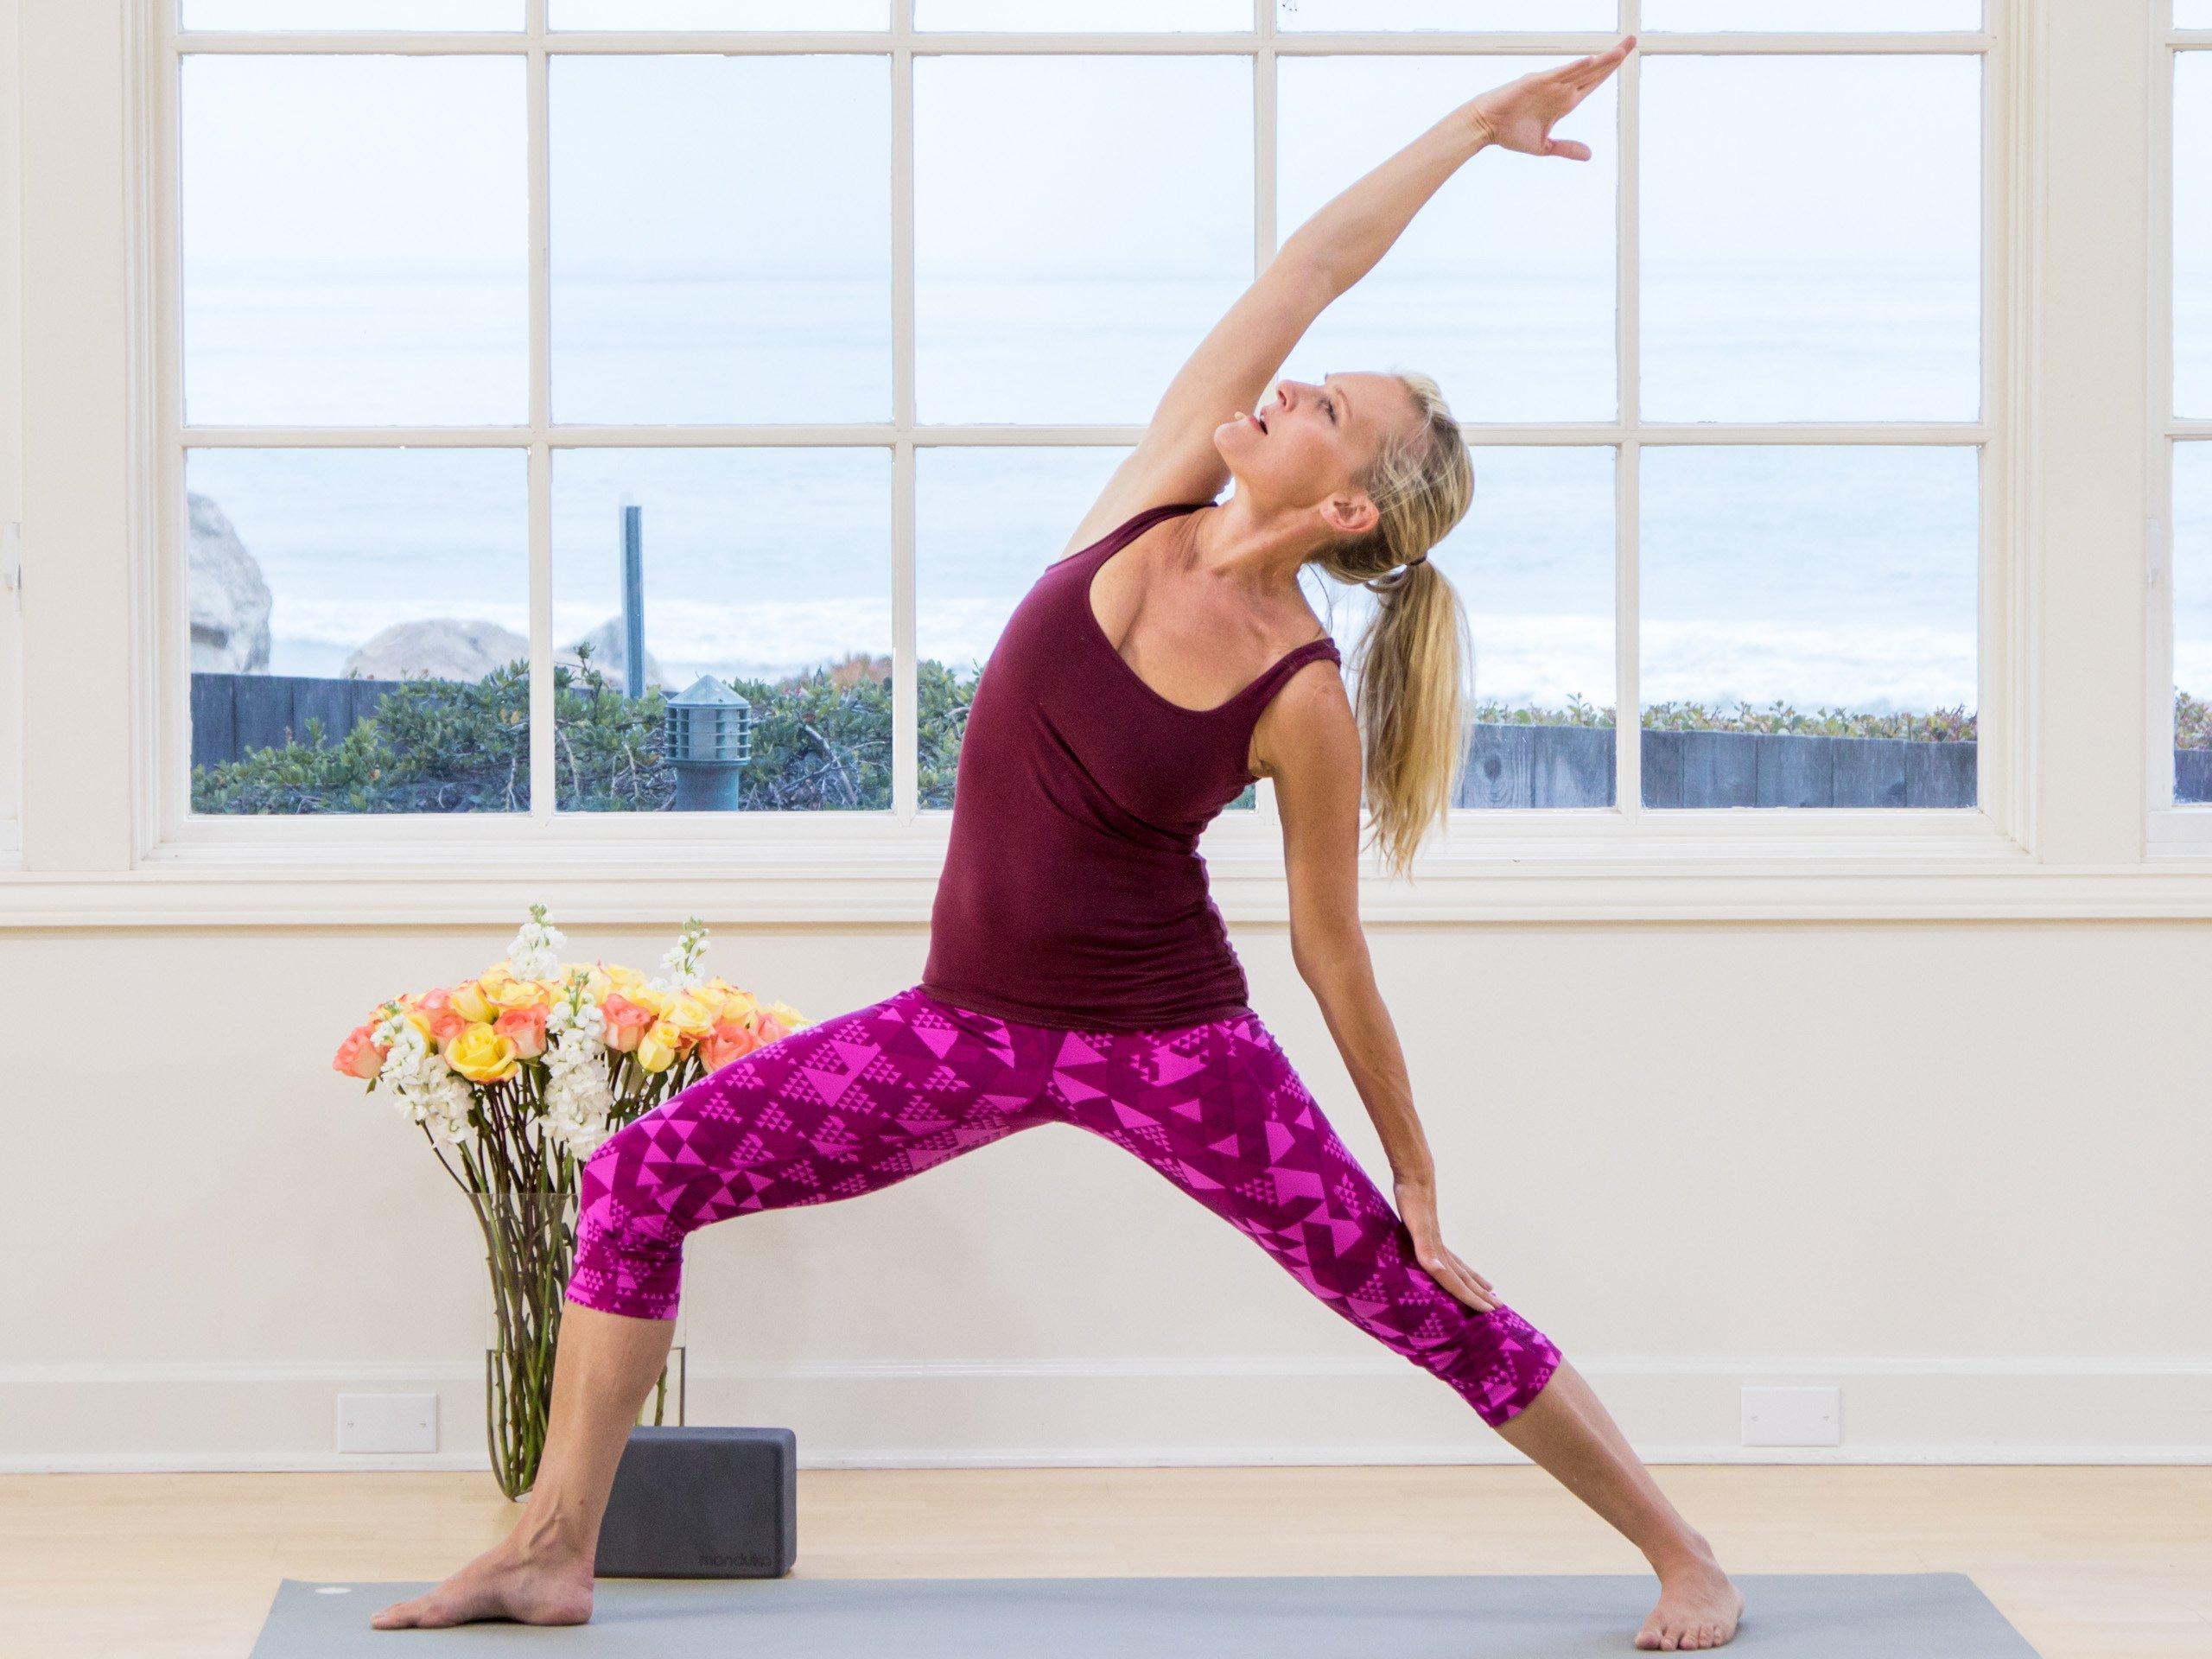 Amazon.com: Yoga for 2: Pre and Post Natal - Season 2